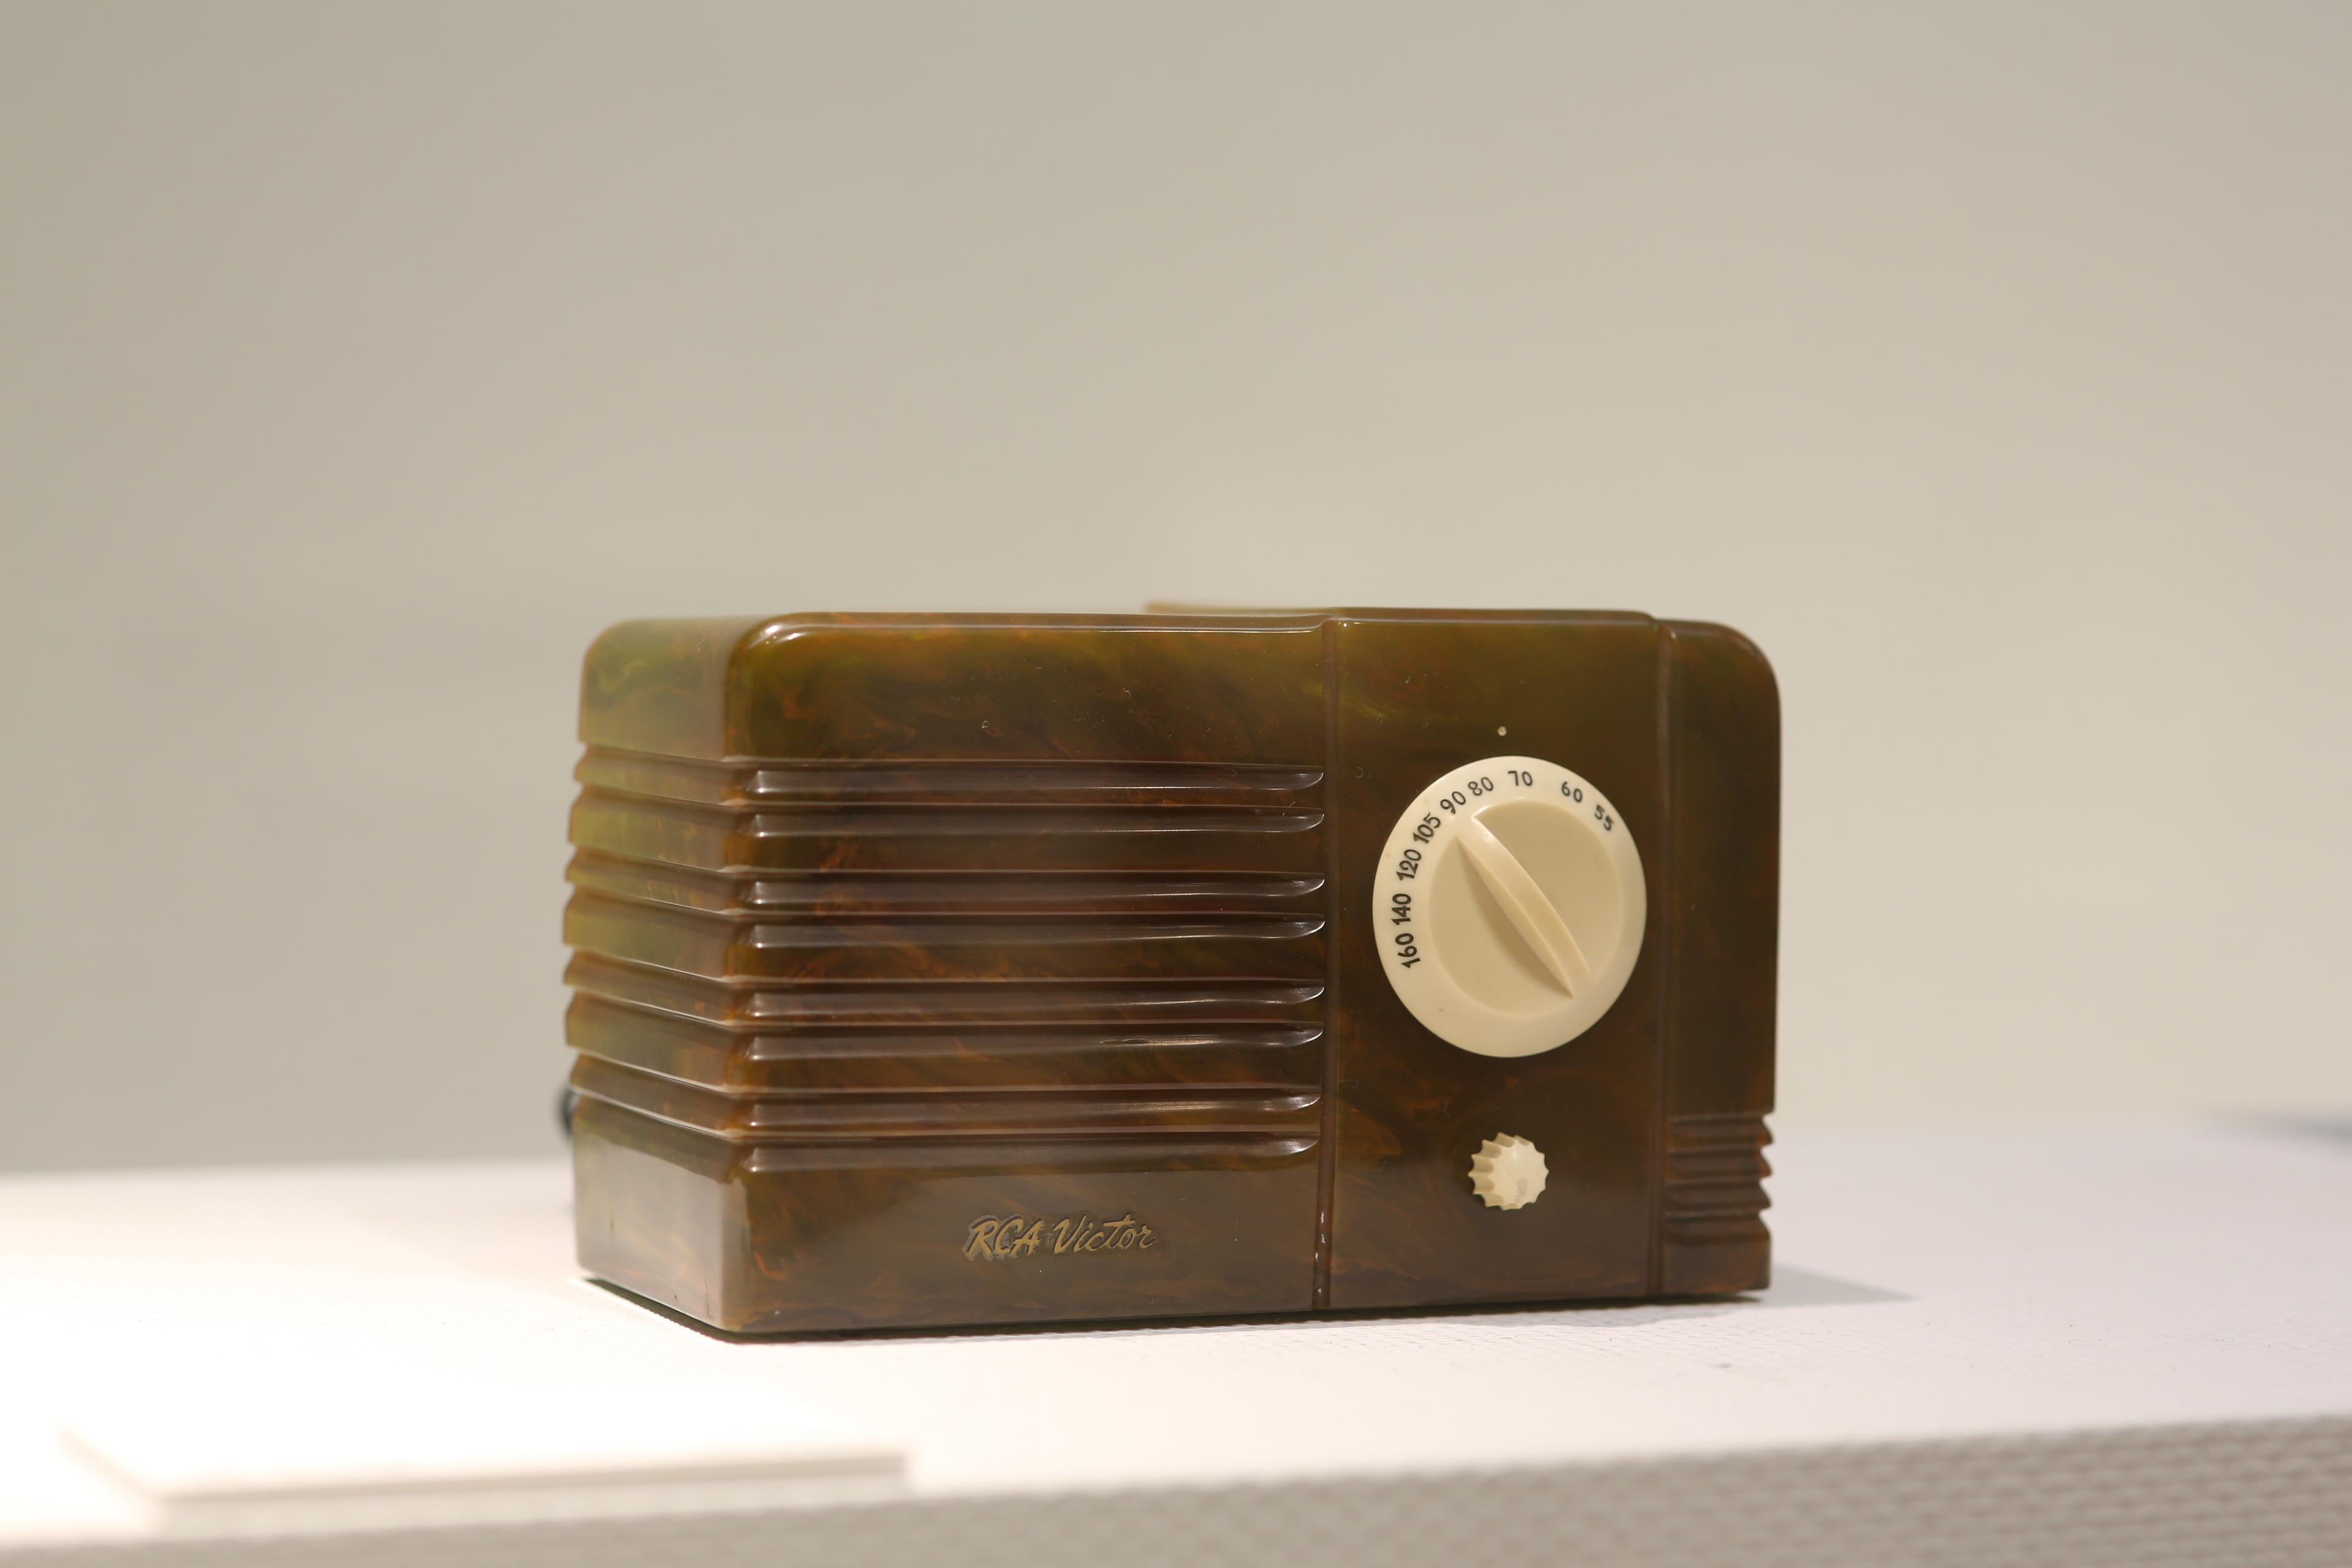 RCAビクターラジオ